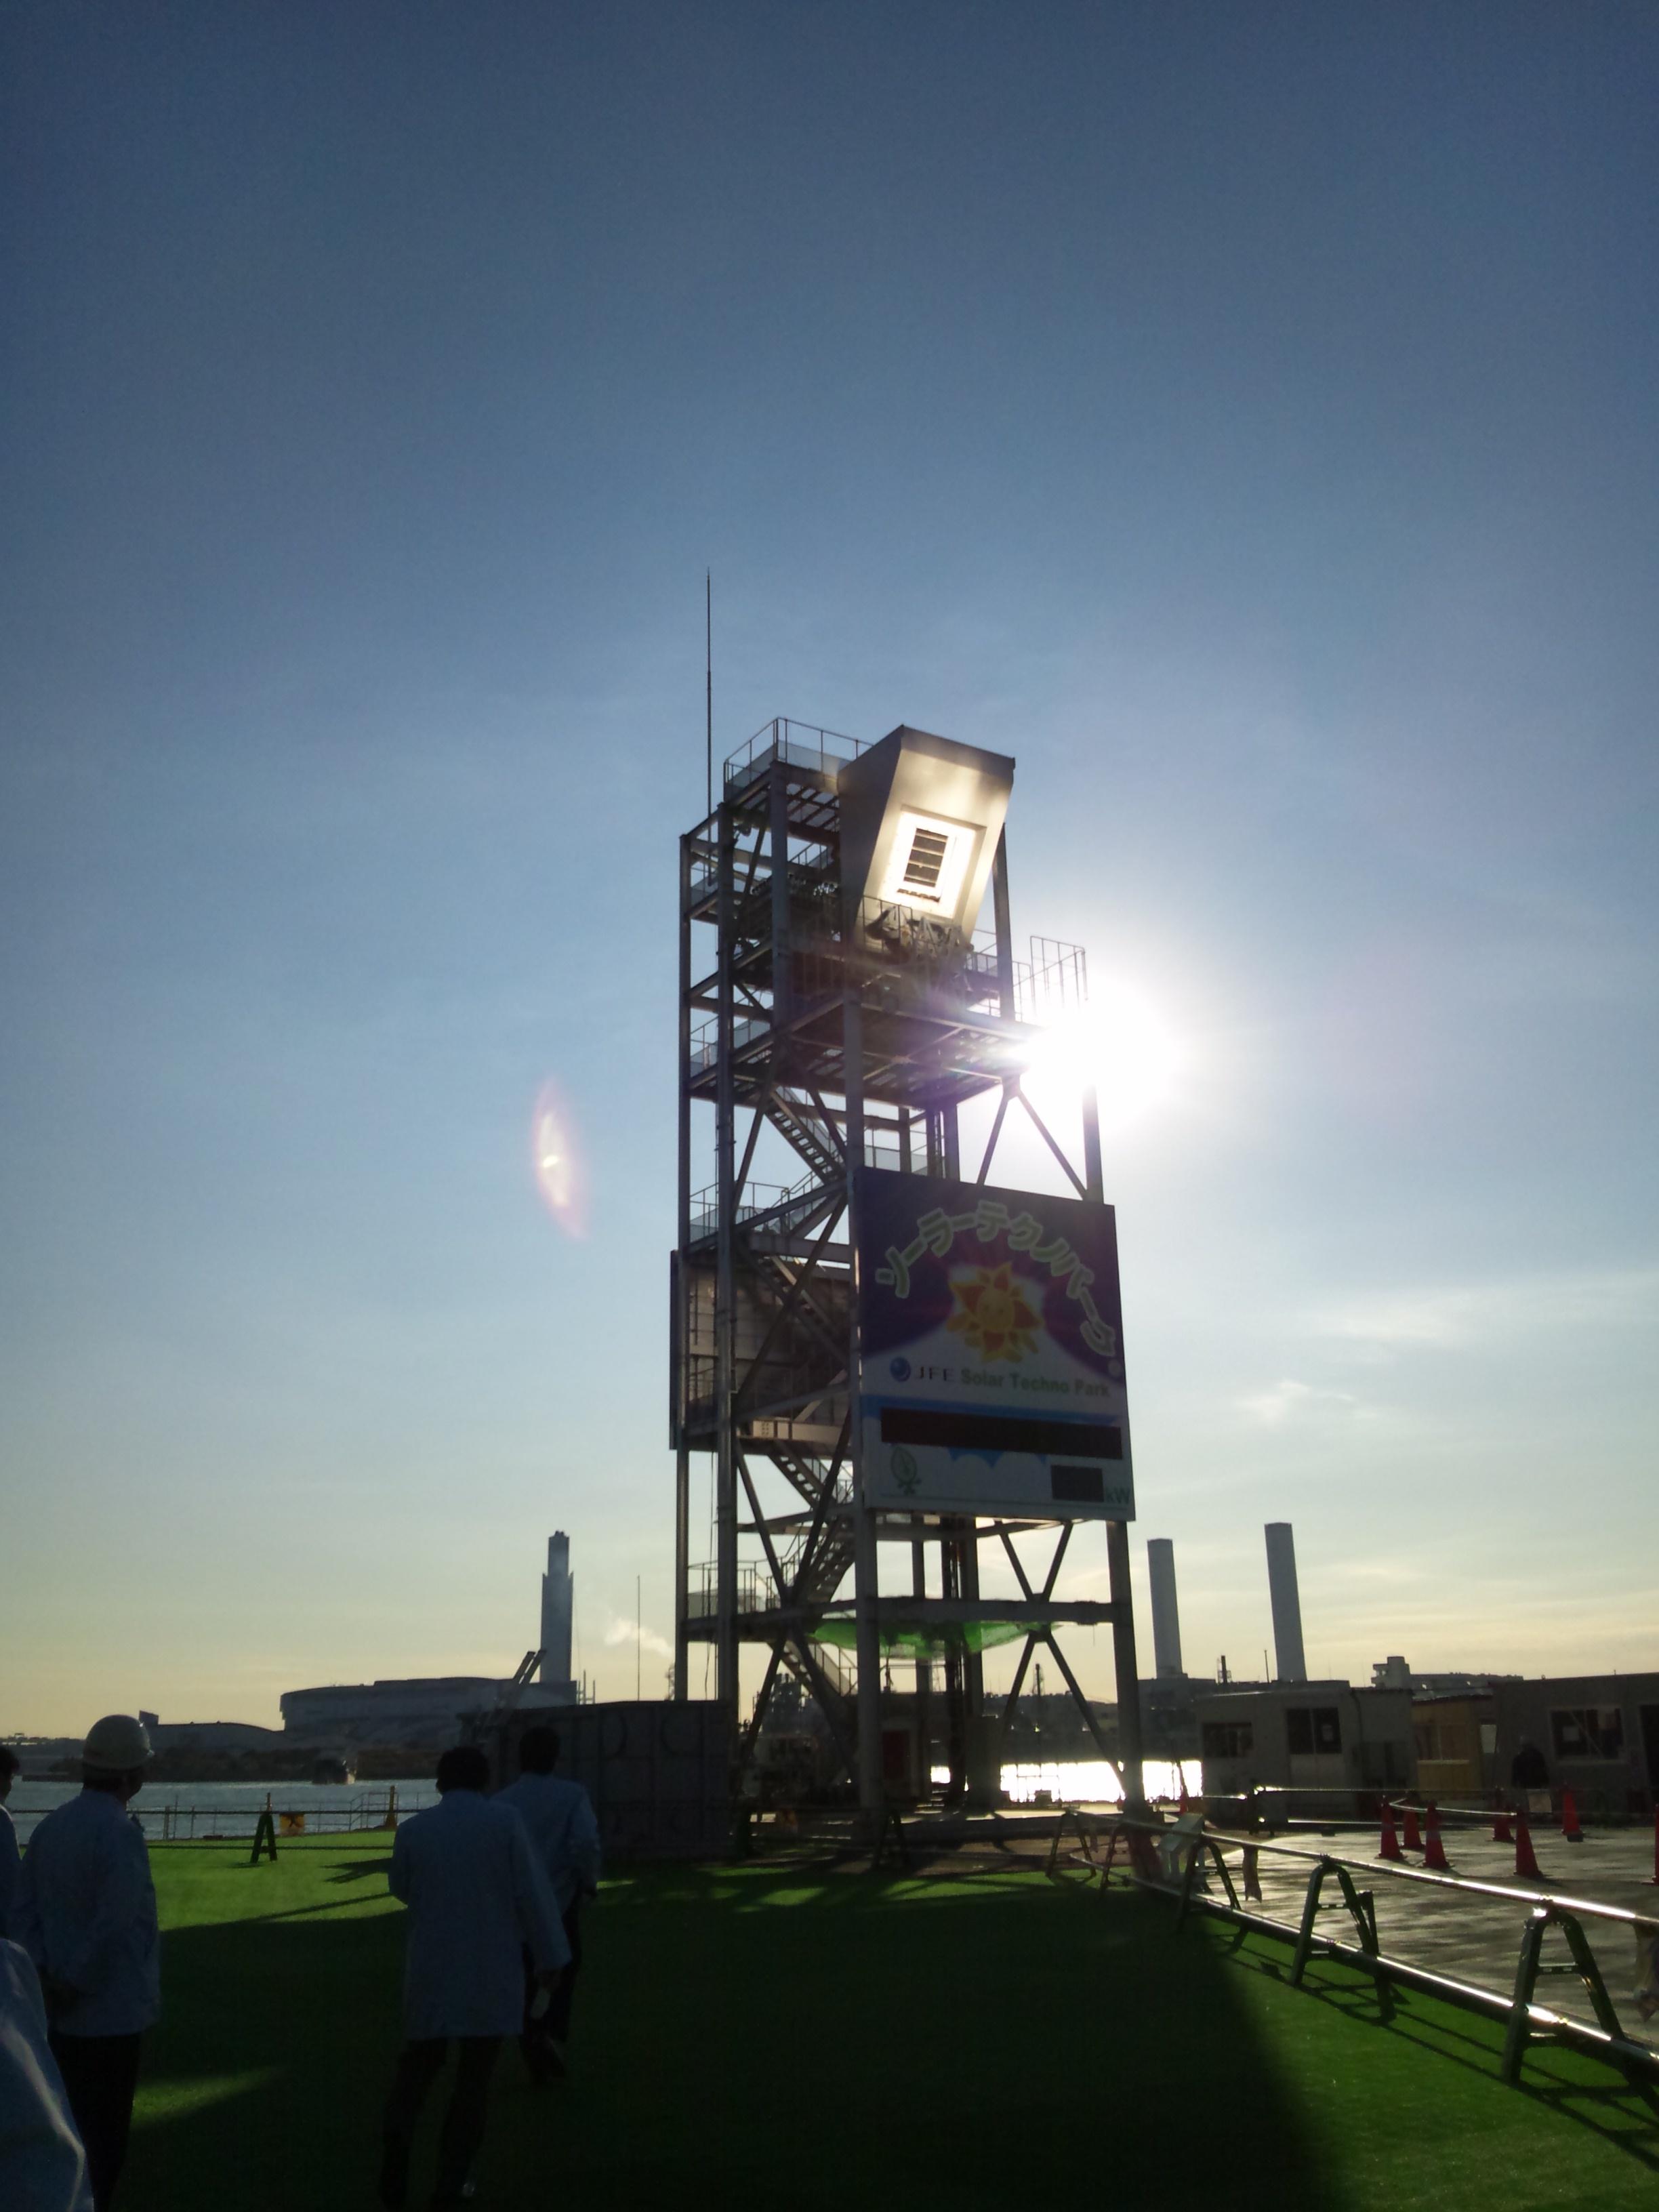 タワーの真ん中に光を集めています